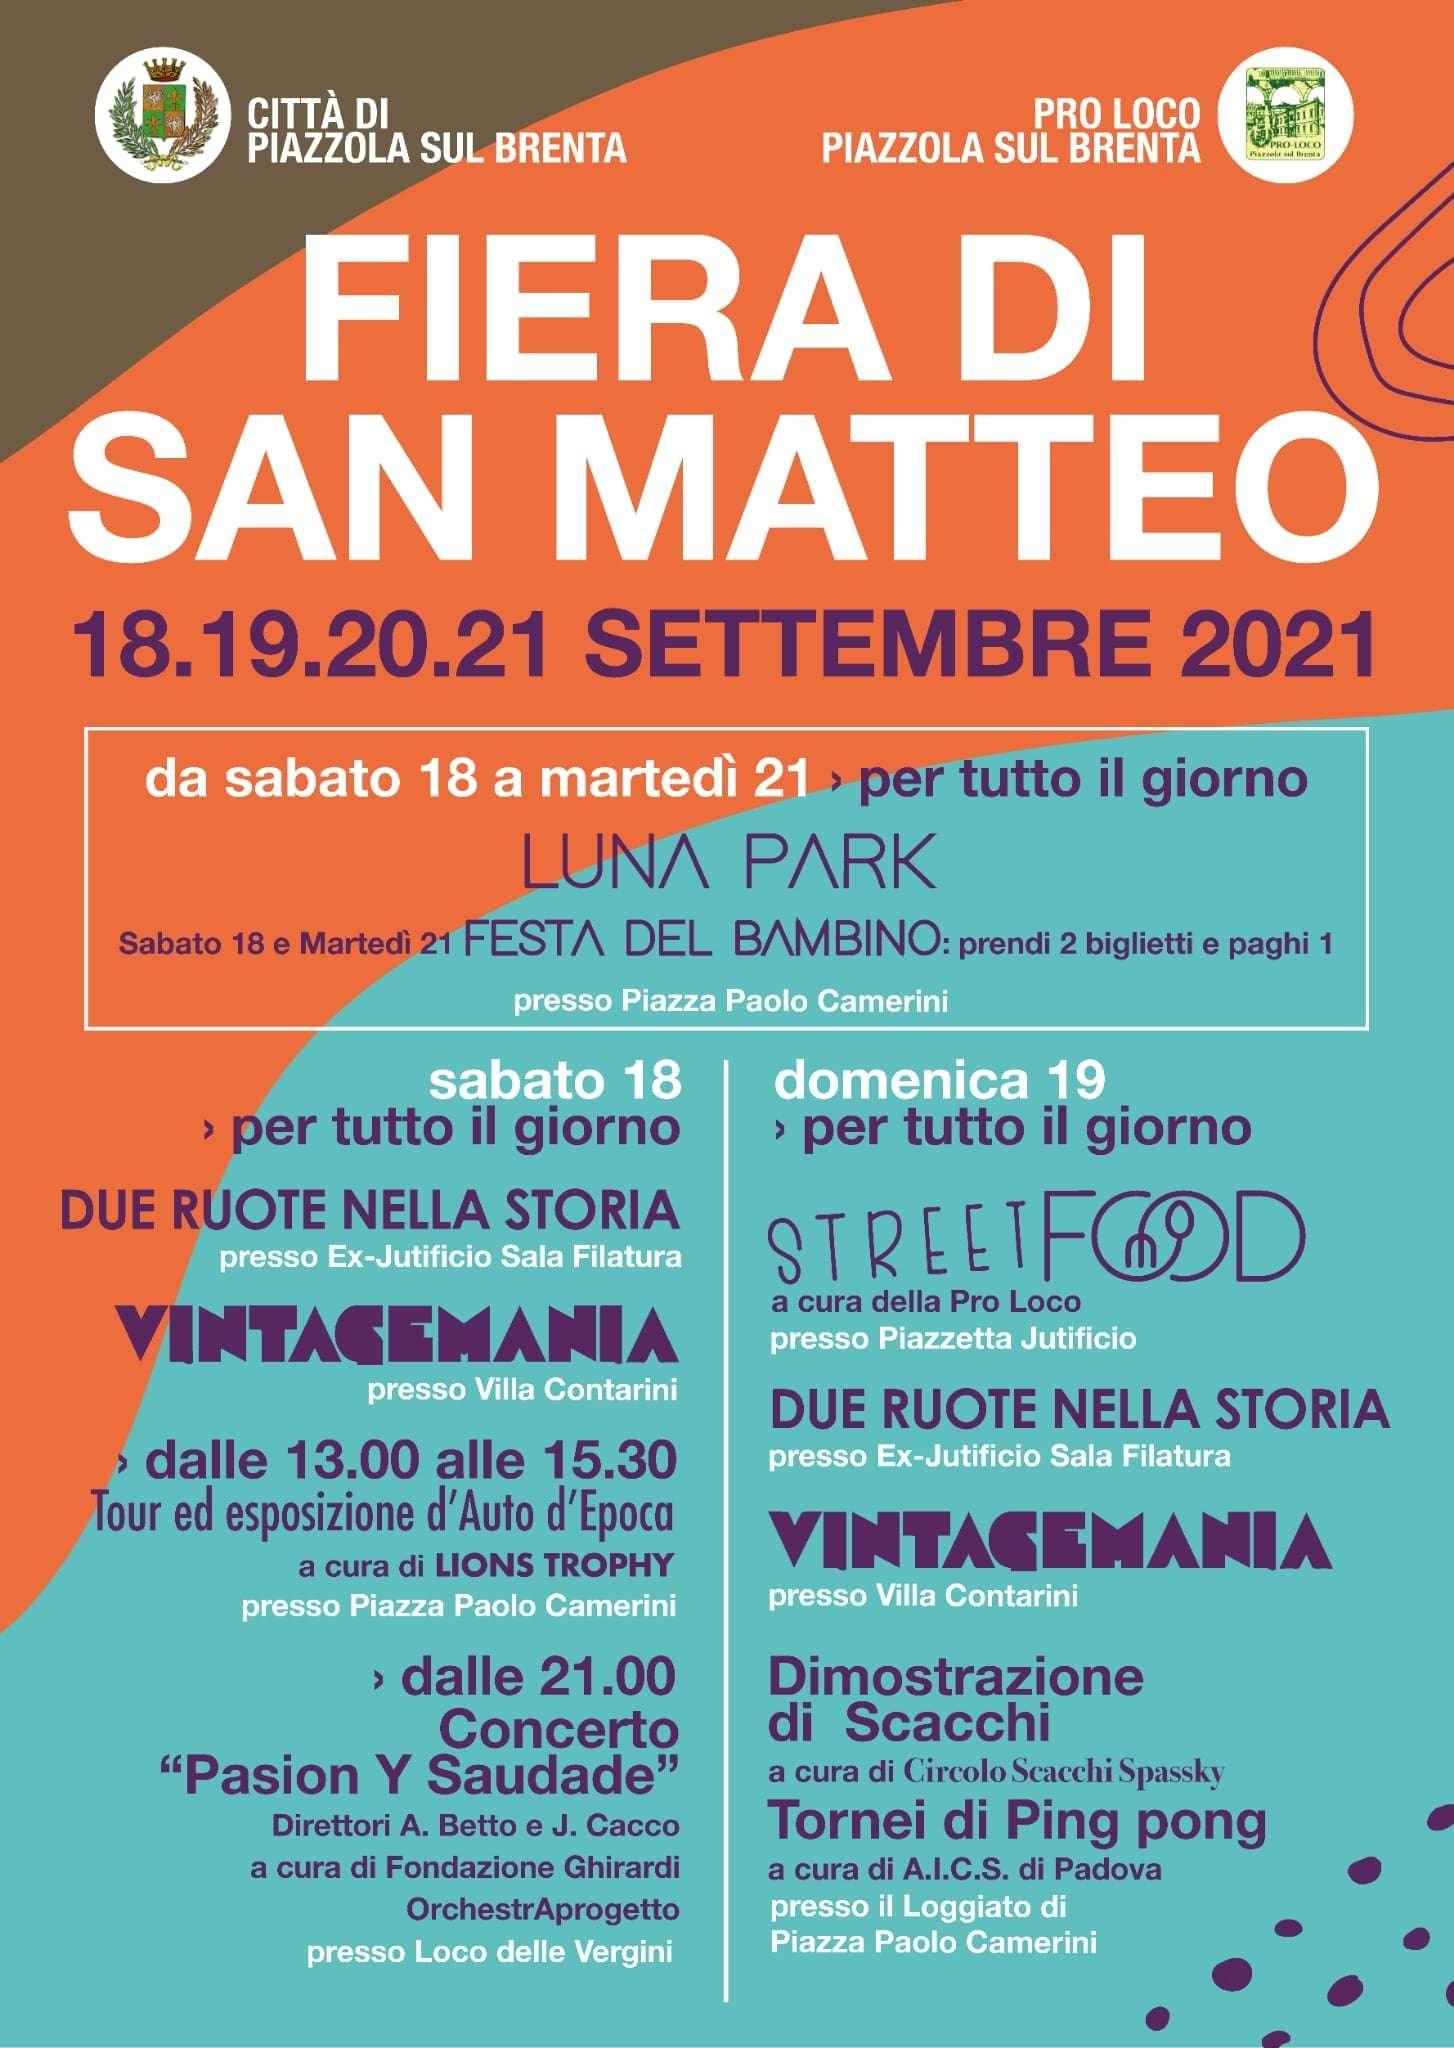 San Matteo 2021